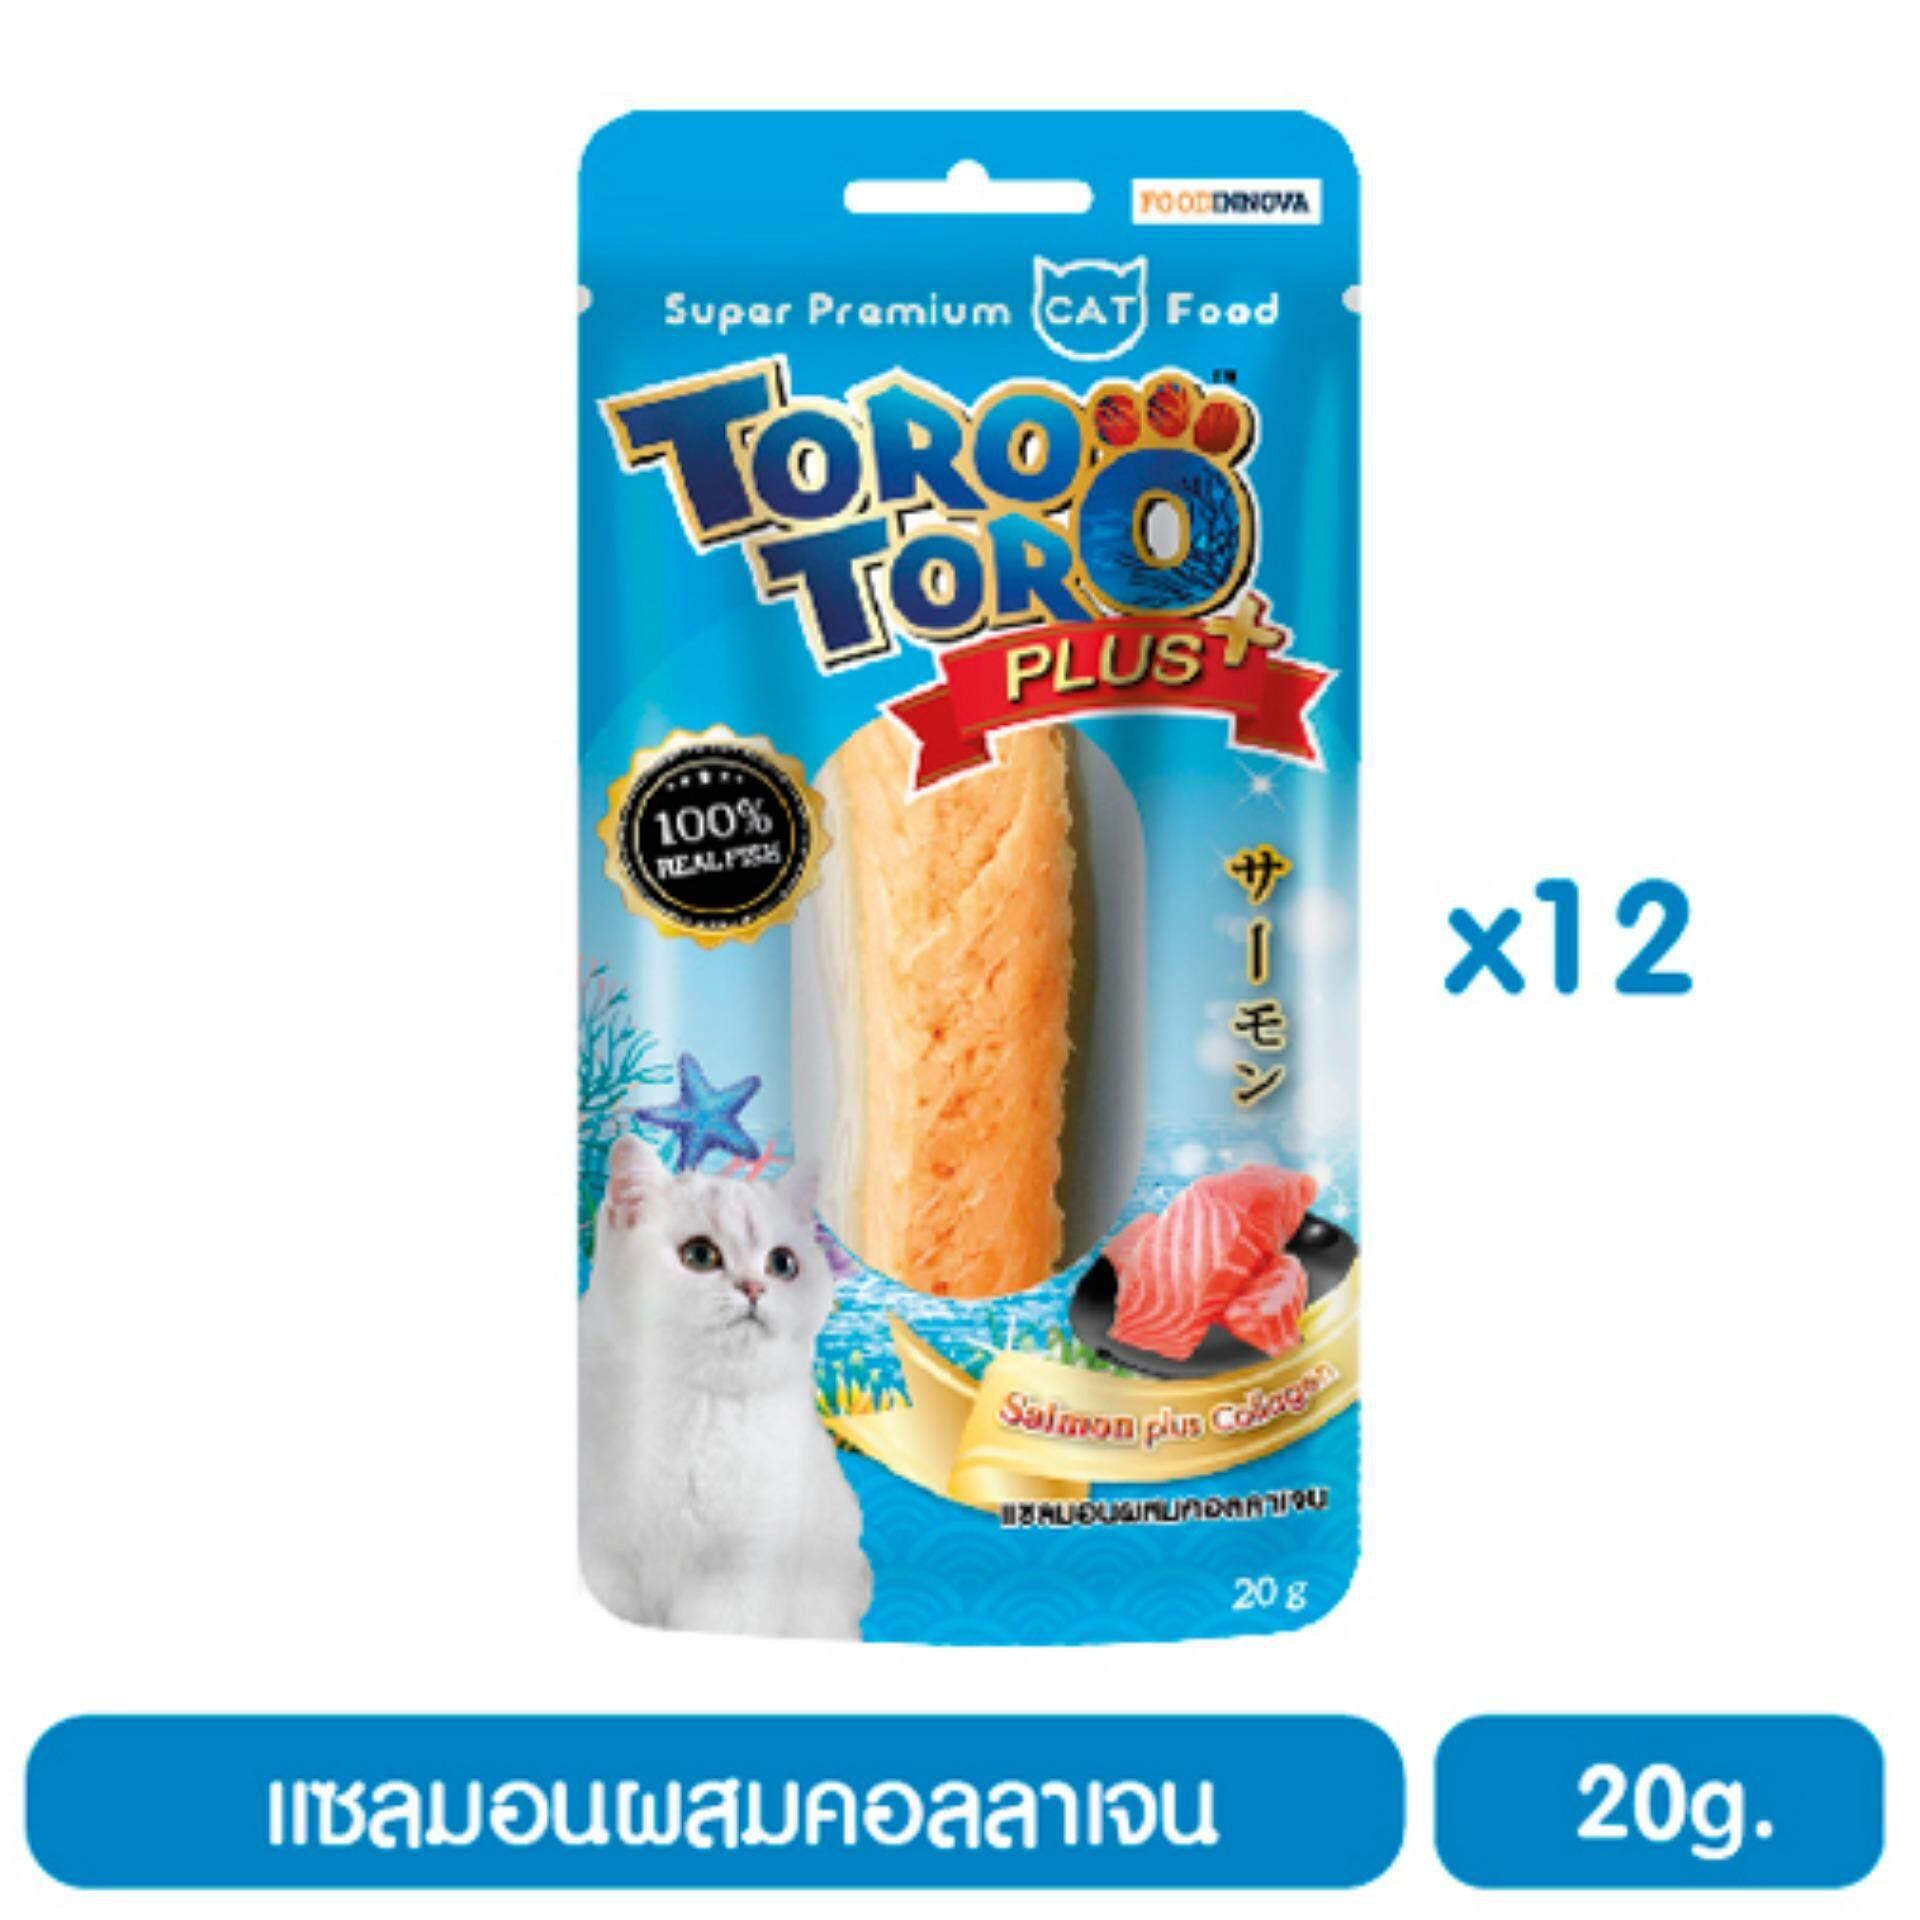 โปรโมชั่น Toro Toro โทโร โทโร่ ขนมแมว แซลมอนผสมคอลลาเจน 20 G X 12 ซอง ถูก